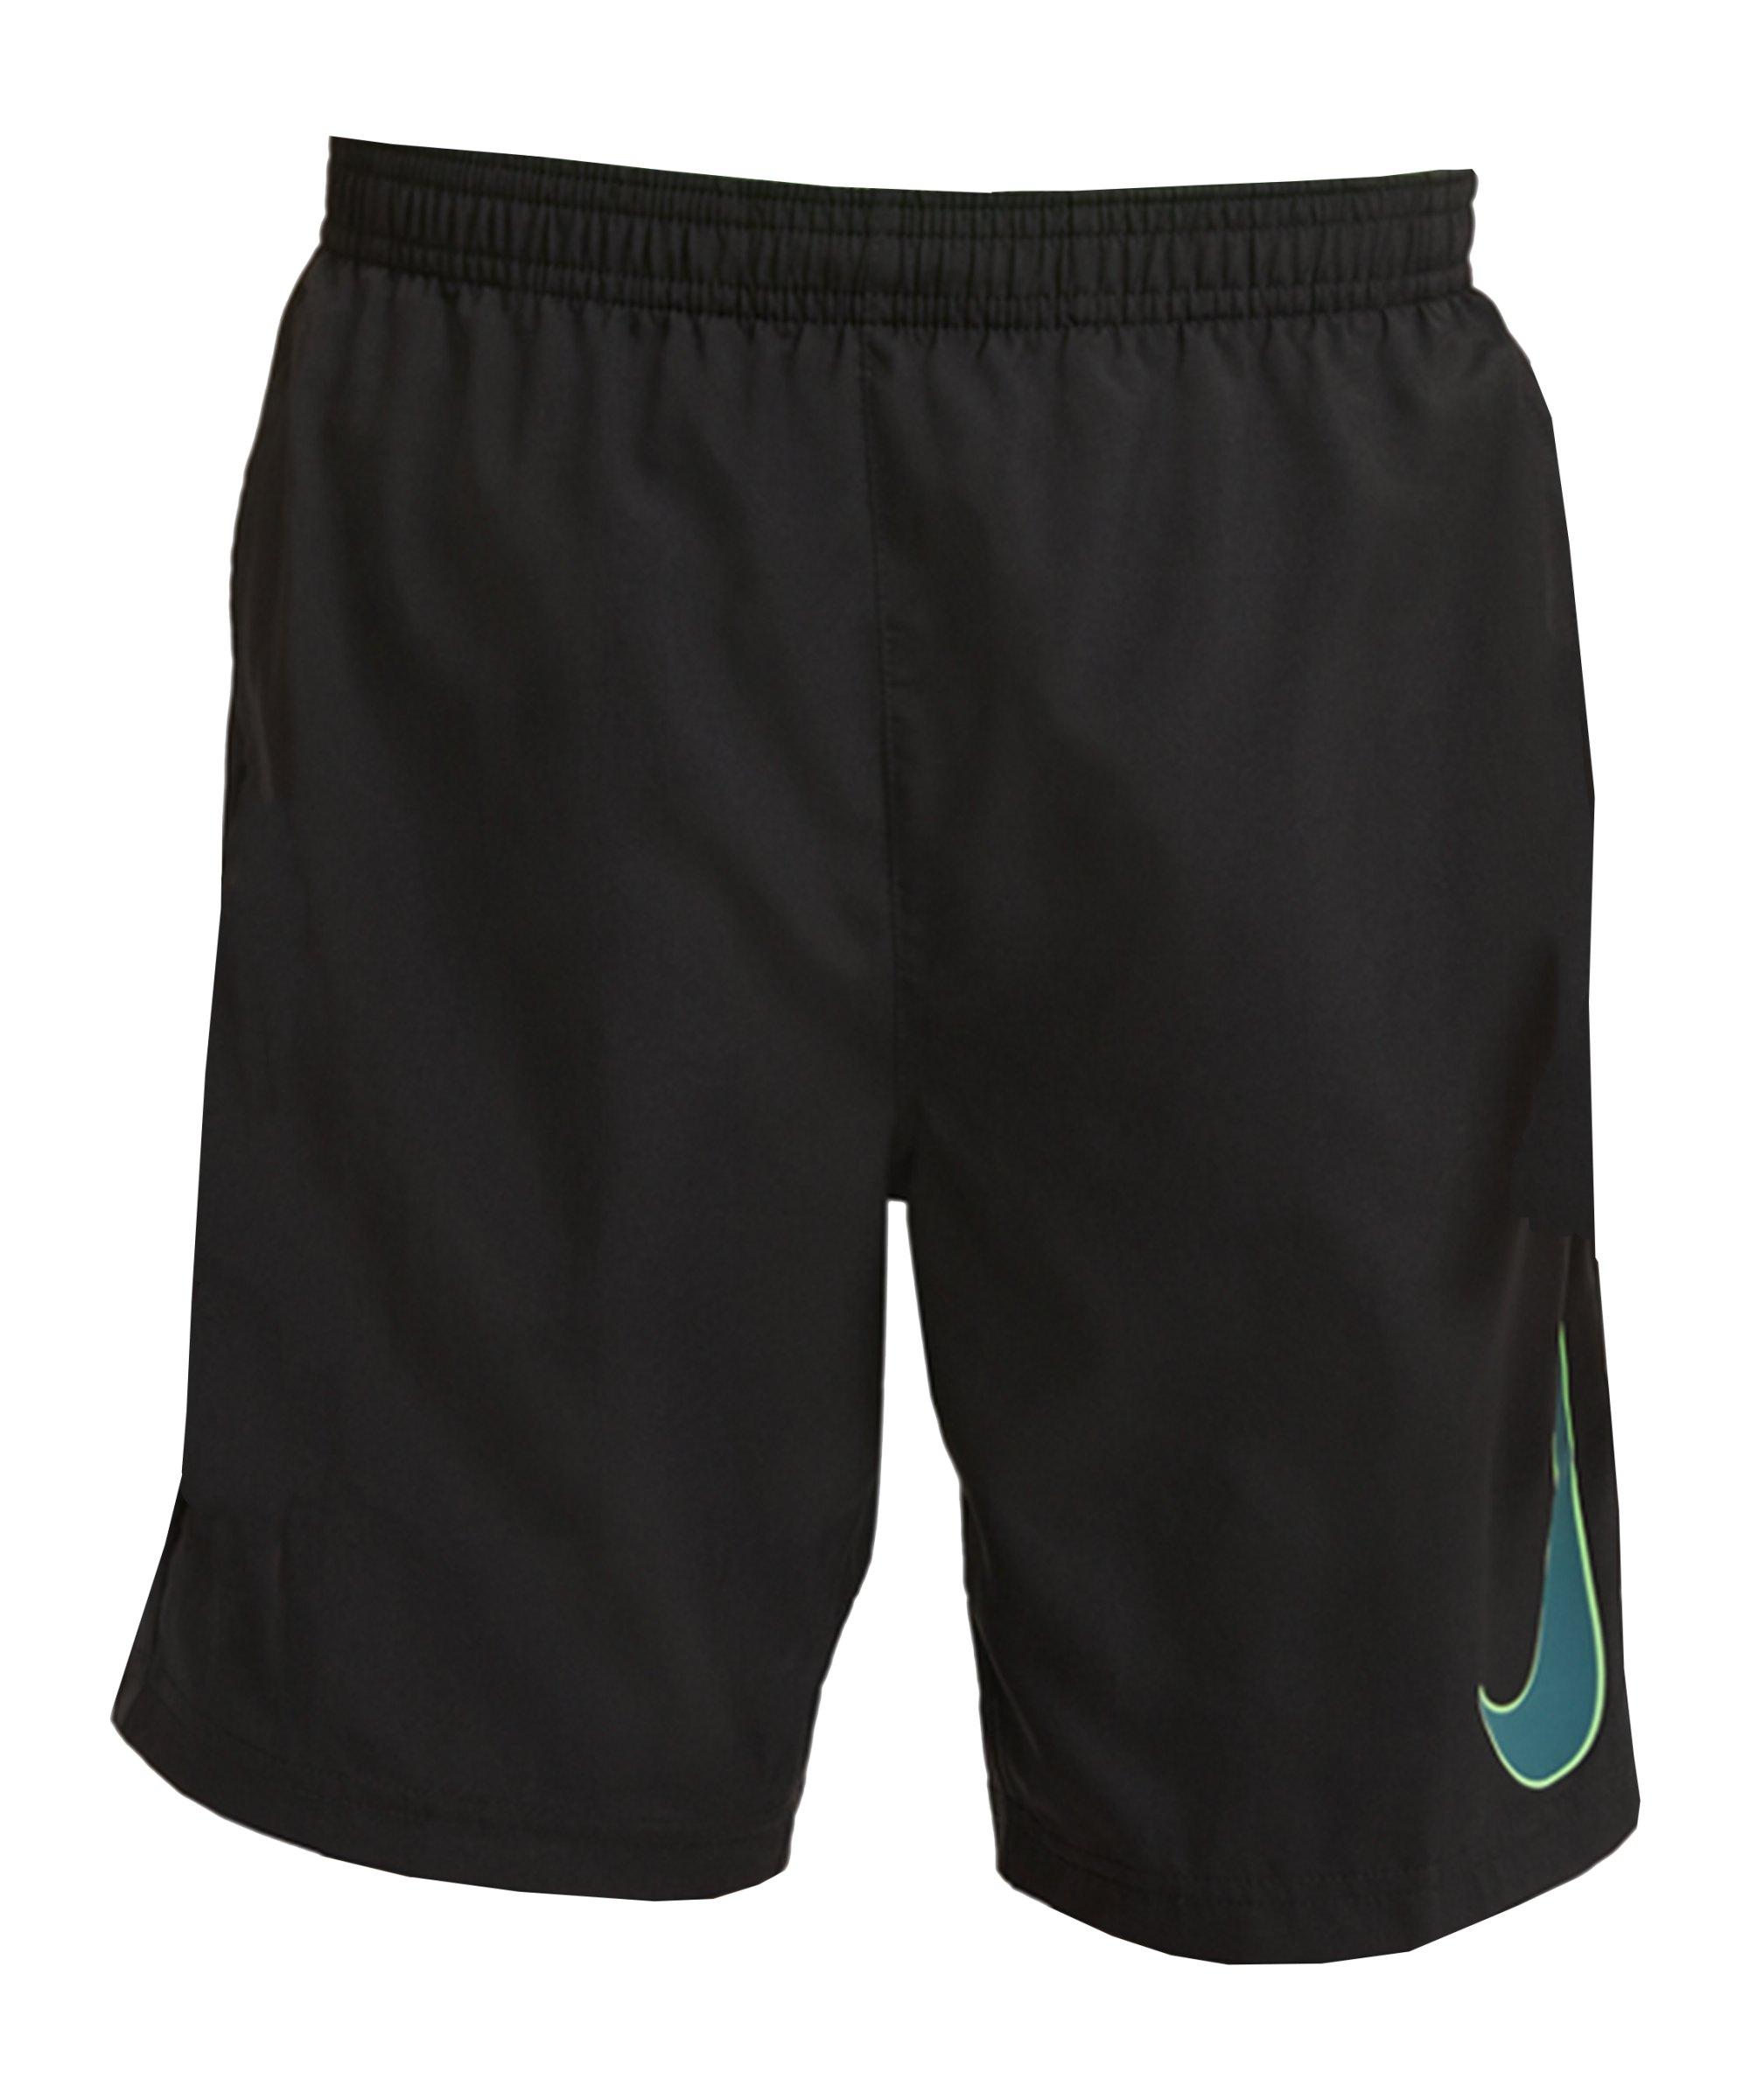 Nike Dri-Fit Academy Short Kids Schwarz Grün F010 - schwarz